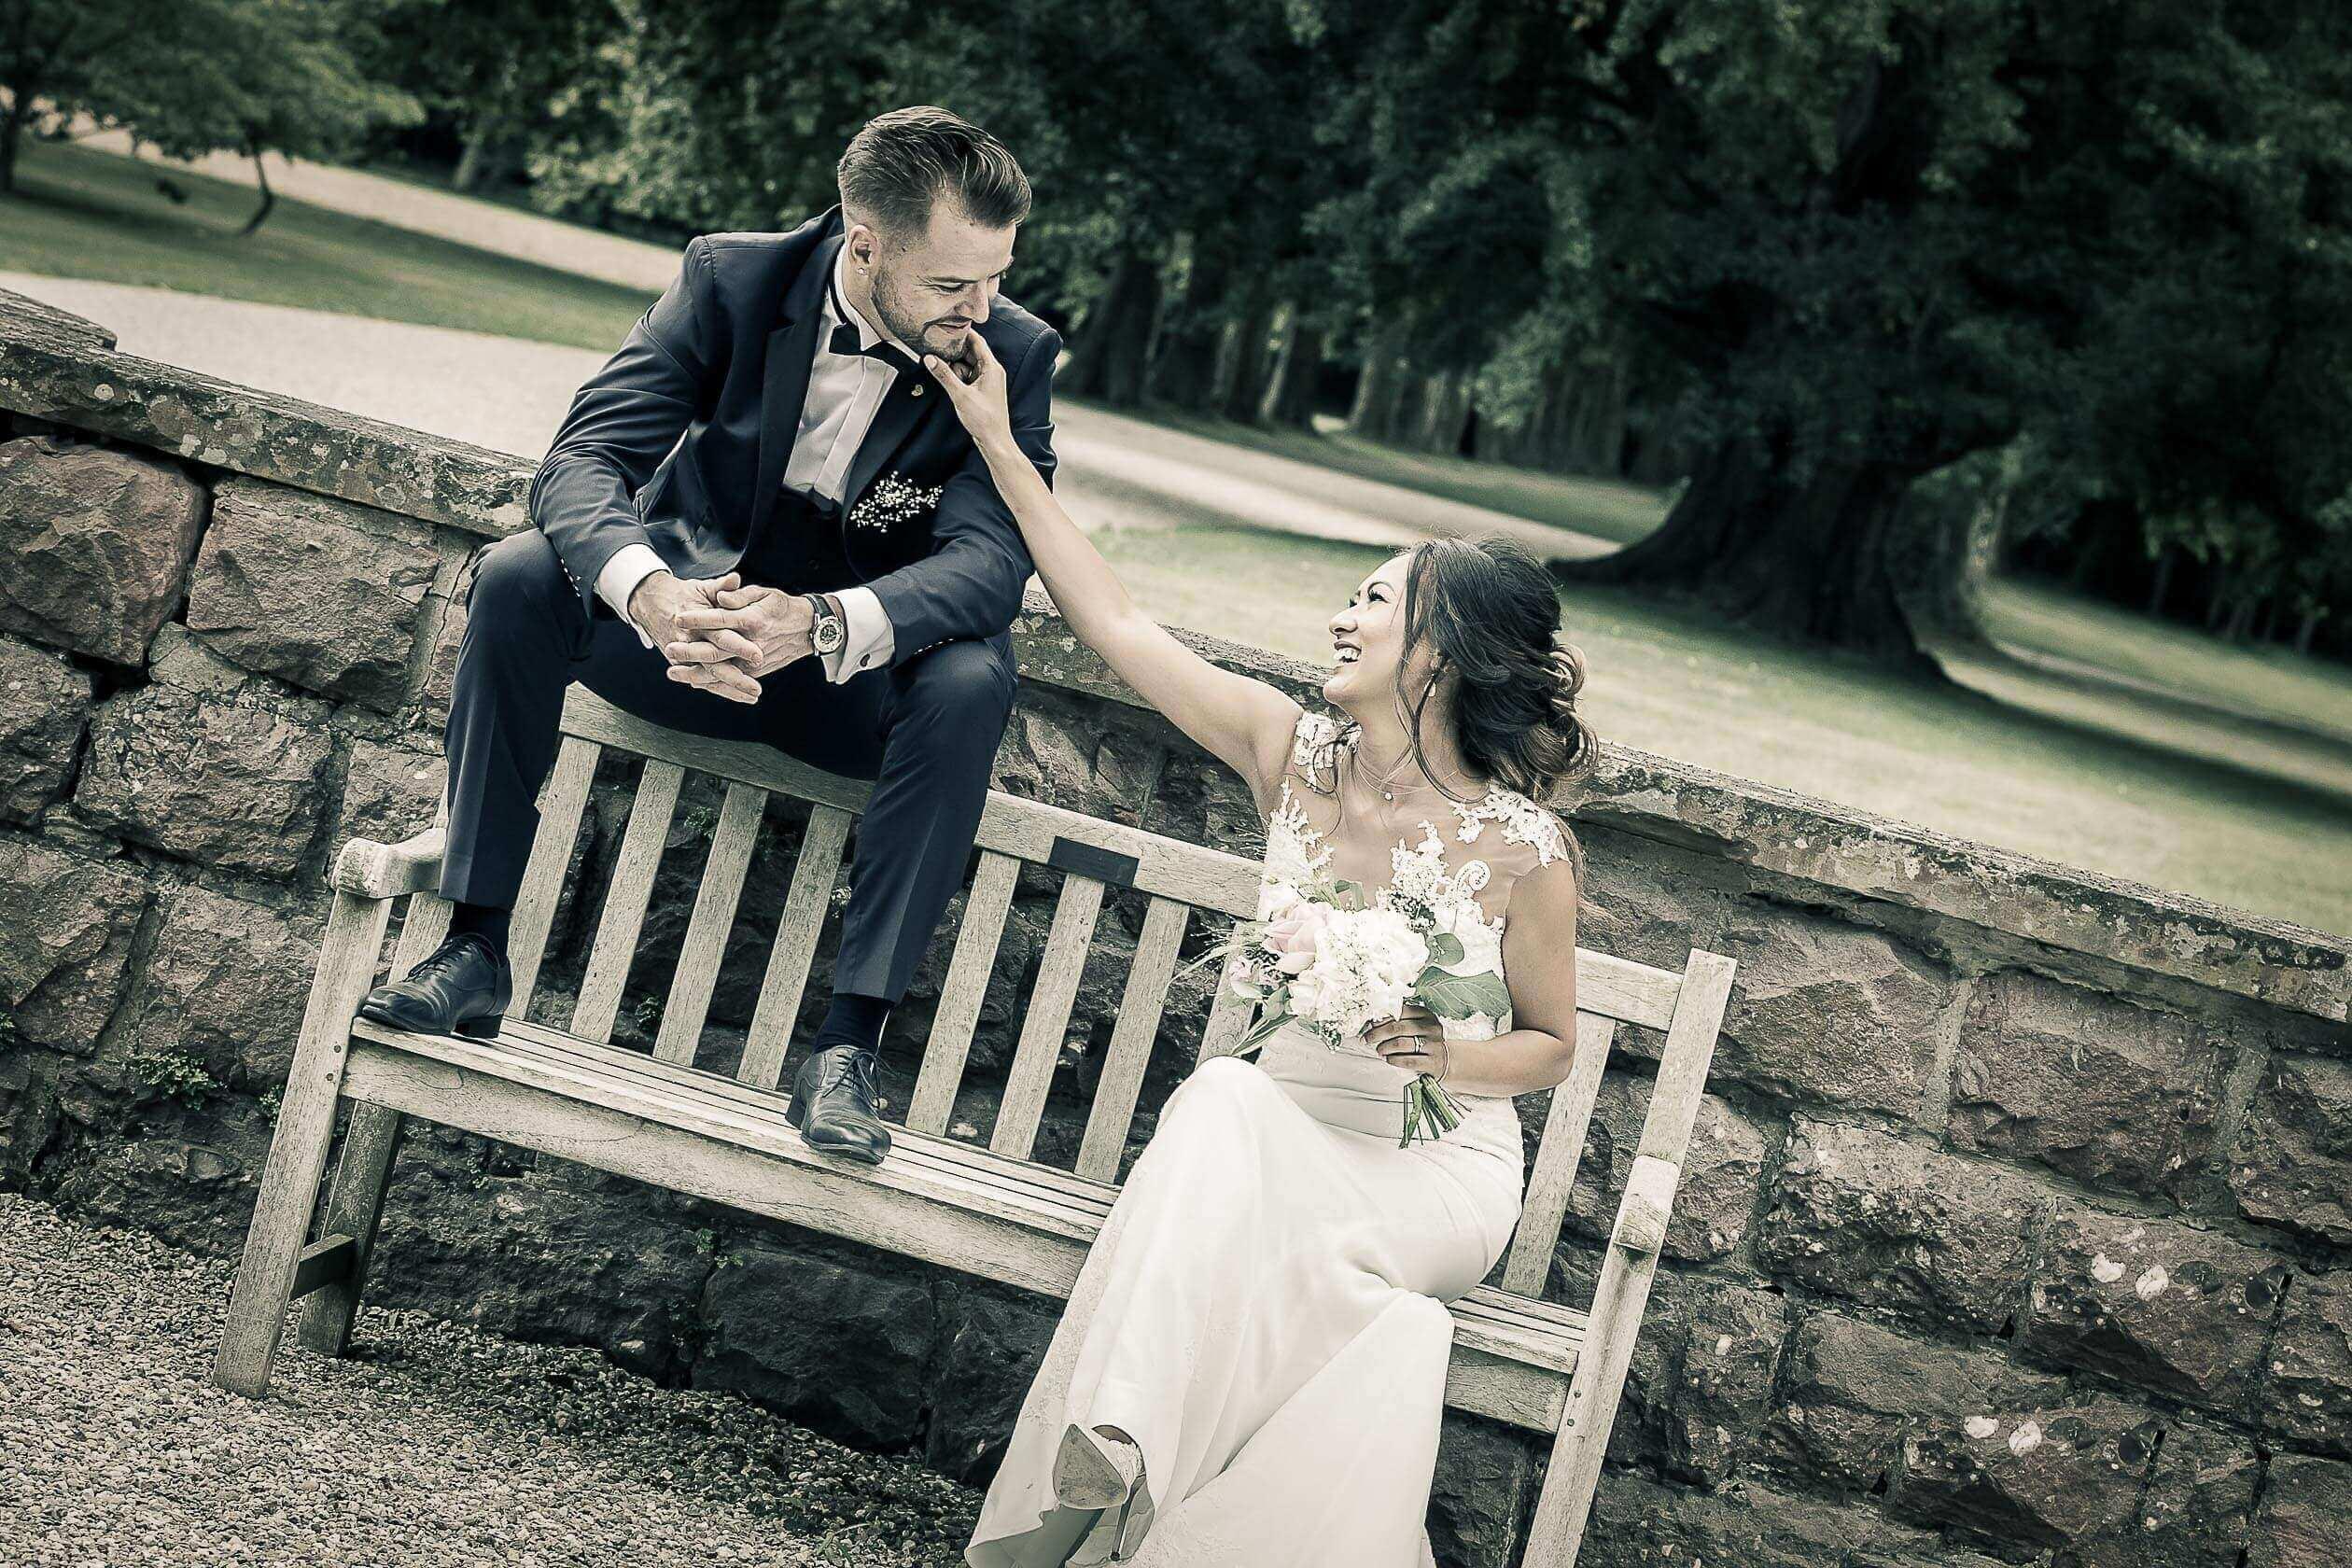 Séance photo de mariage au parc de shoppenwihr près de Colmar